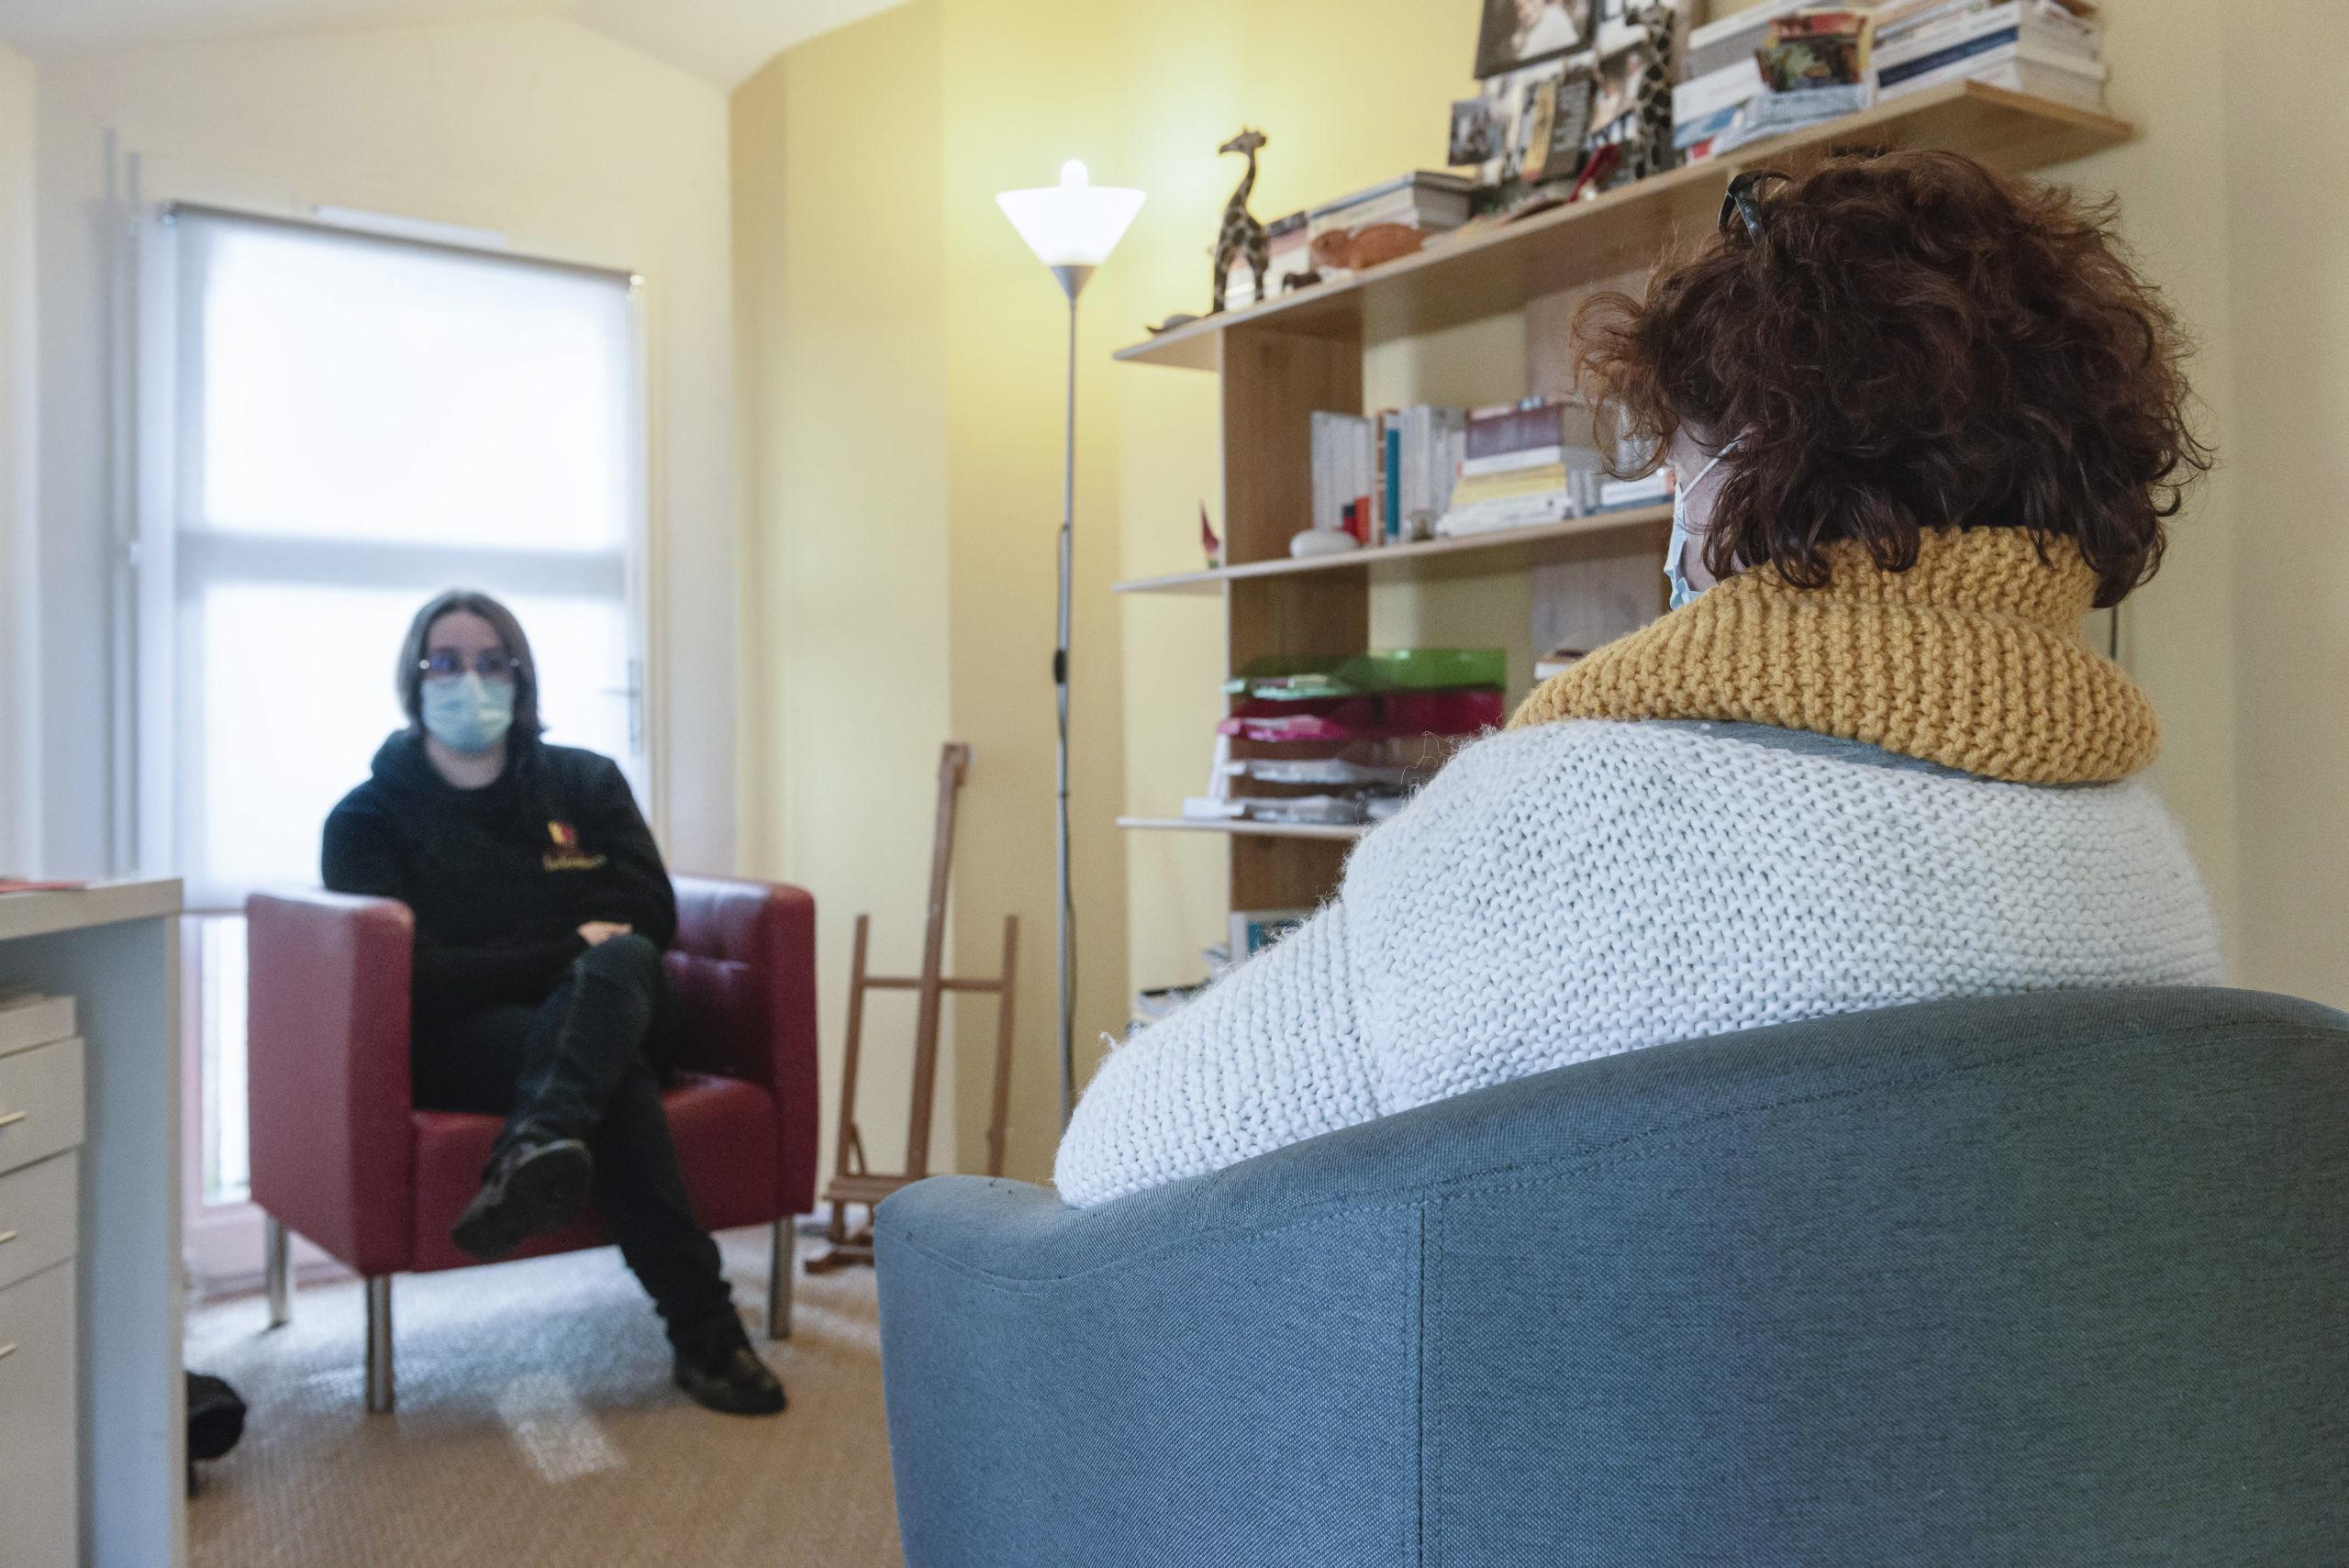 Un étudiant en souffrance est venu consulter un psychothérapeute à l'université de Poitiers.